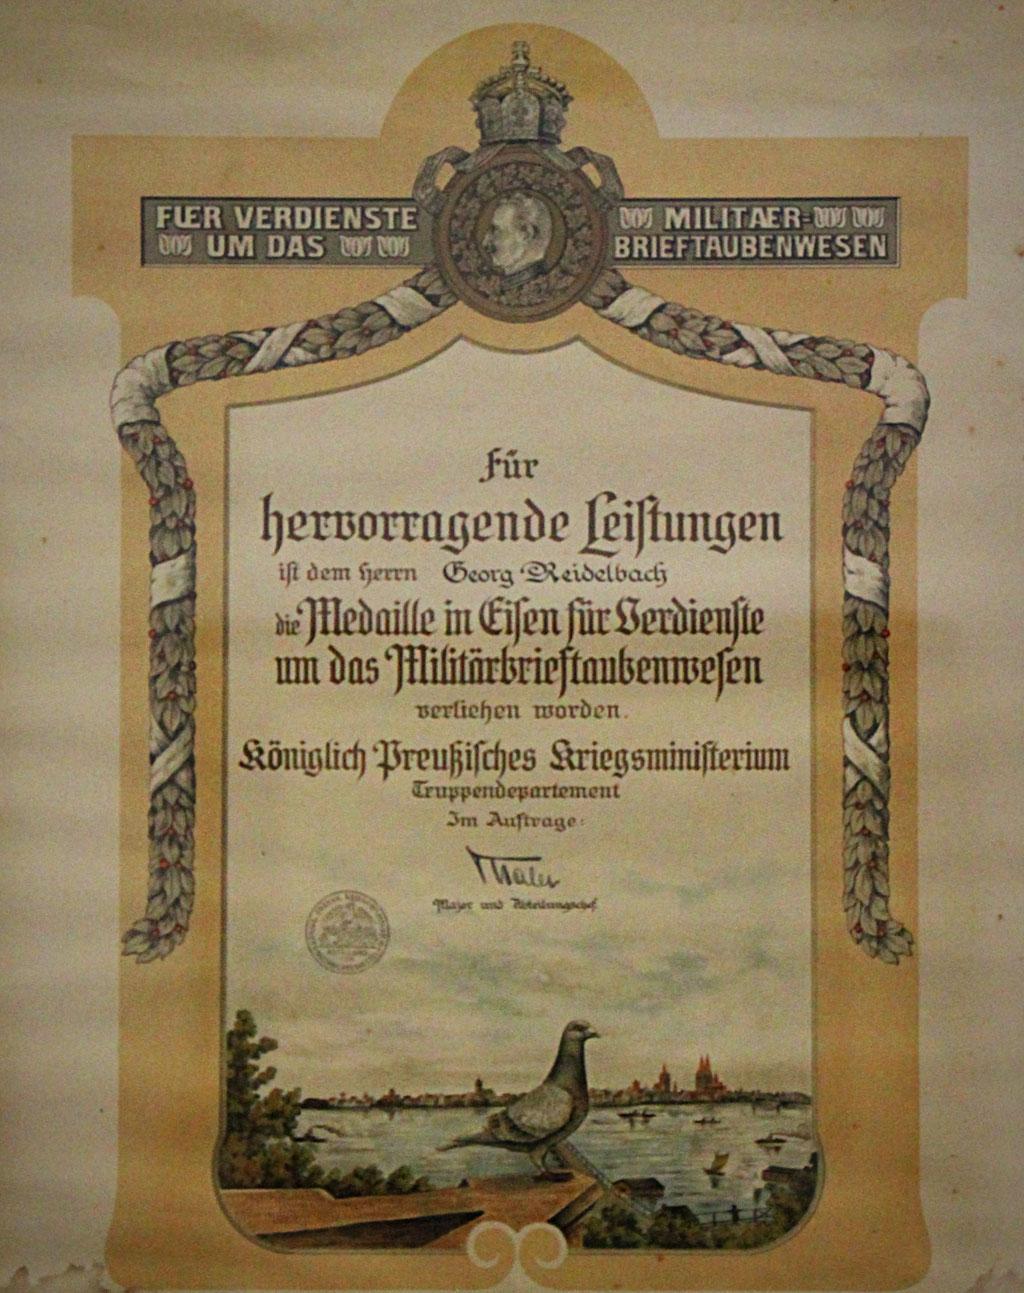 Königl. Preussischen Kriegs-Ministeriums für besondere Leistungen um das Militär-Brieftauben-Wesen